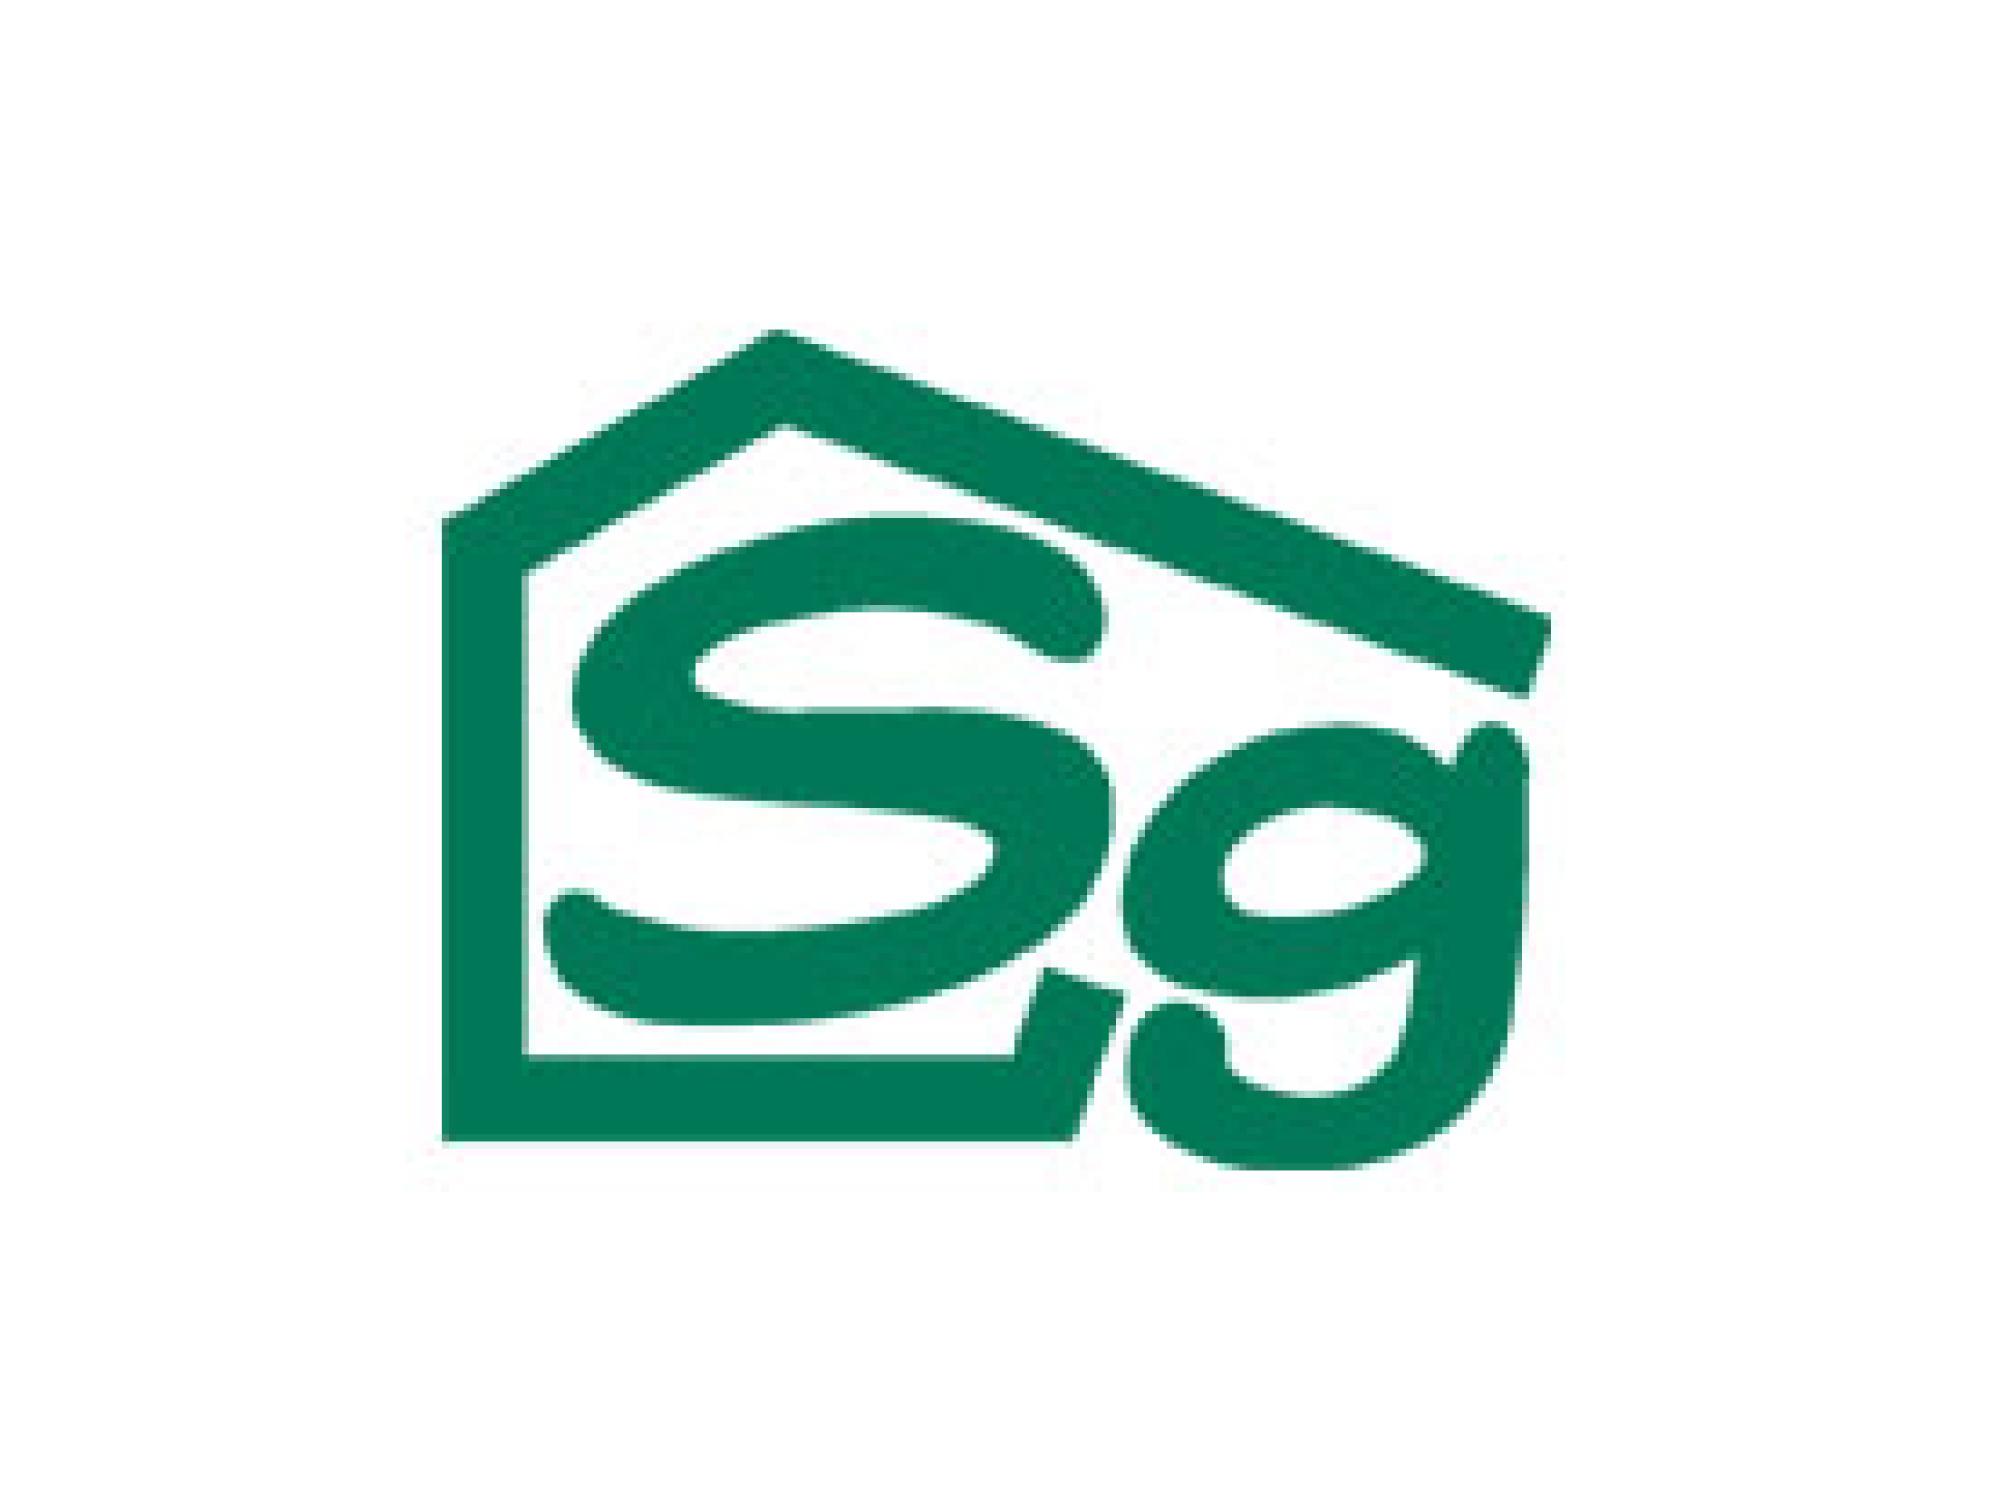 Chemnitzer Siedlungsgemeinschaft eG